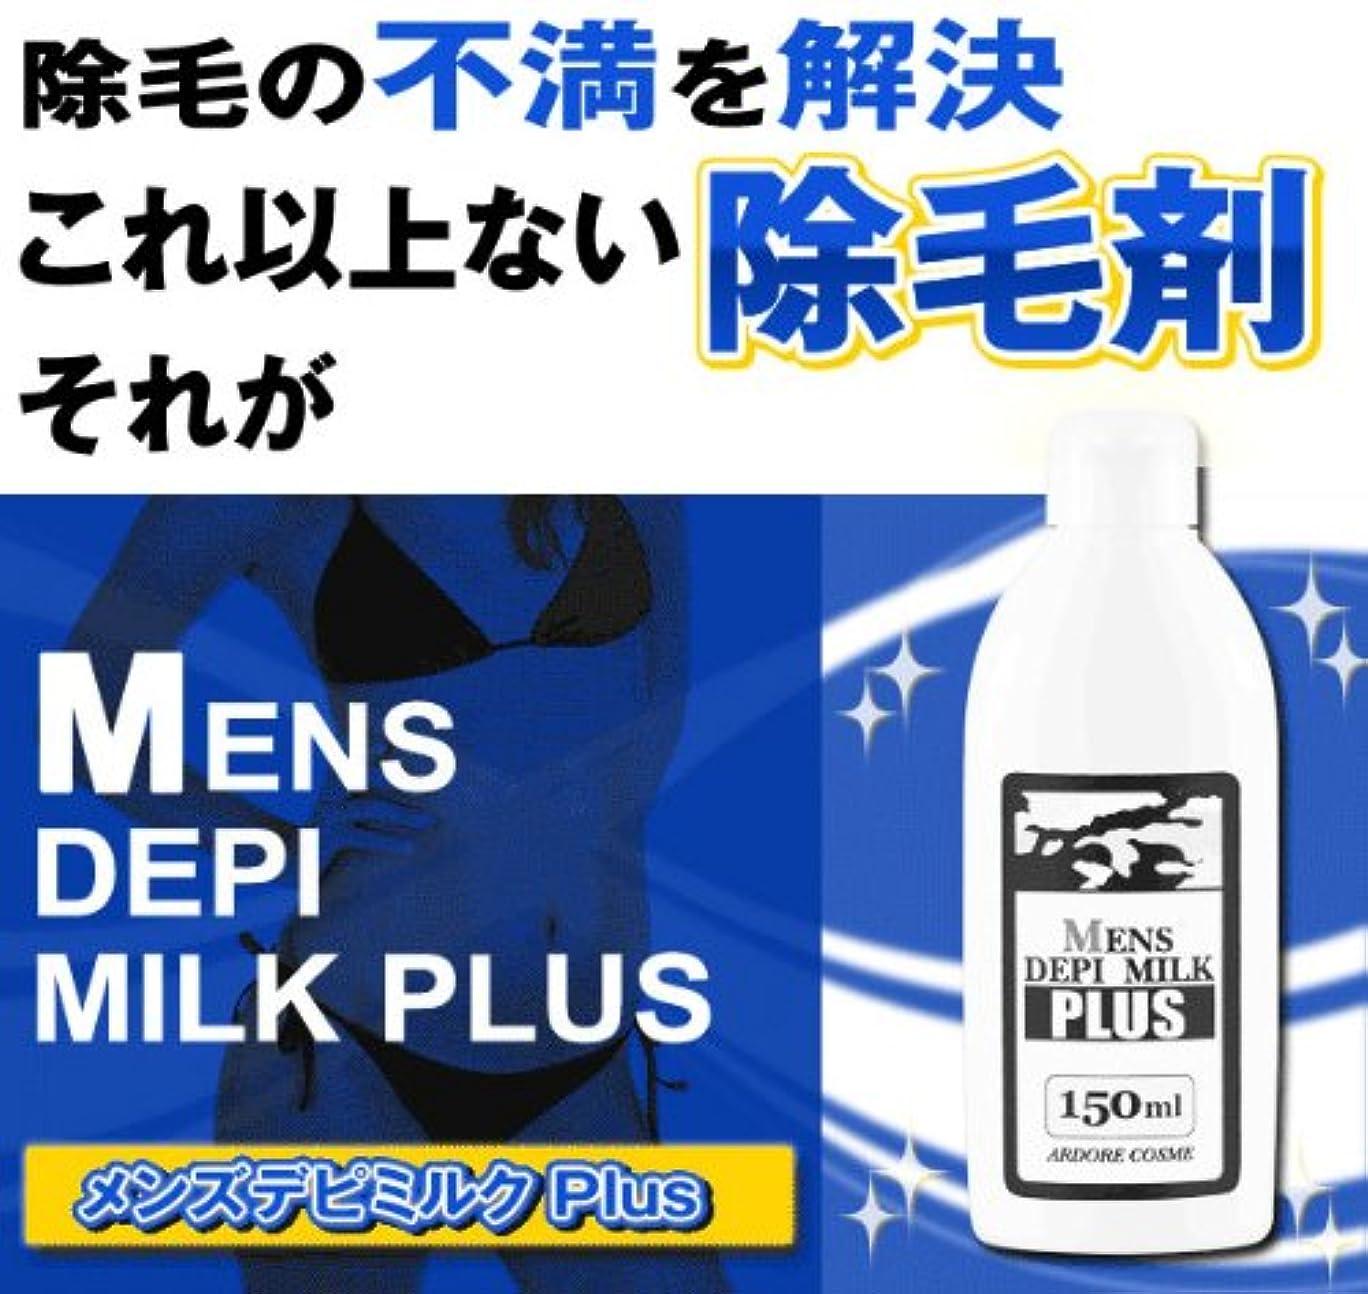 メンタリティ扱う核薬用メンズデピミルクプラス 150ml(薬用除毛クリーム)医薬部外品